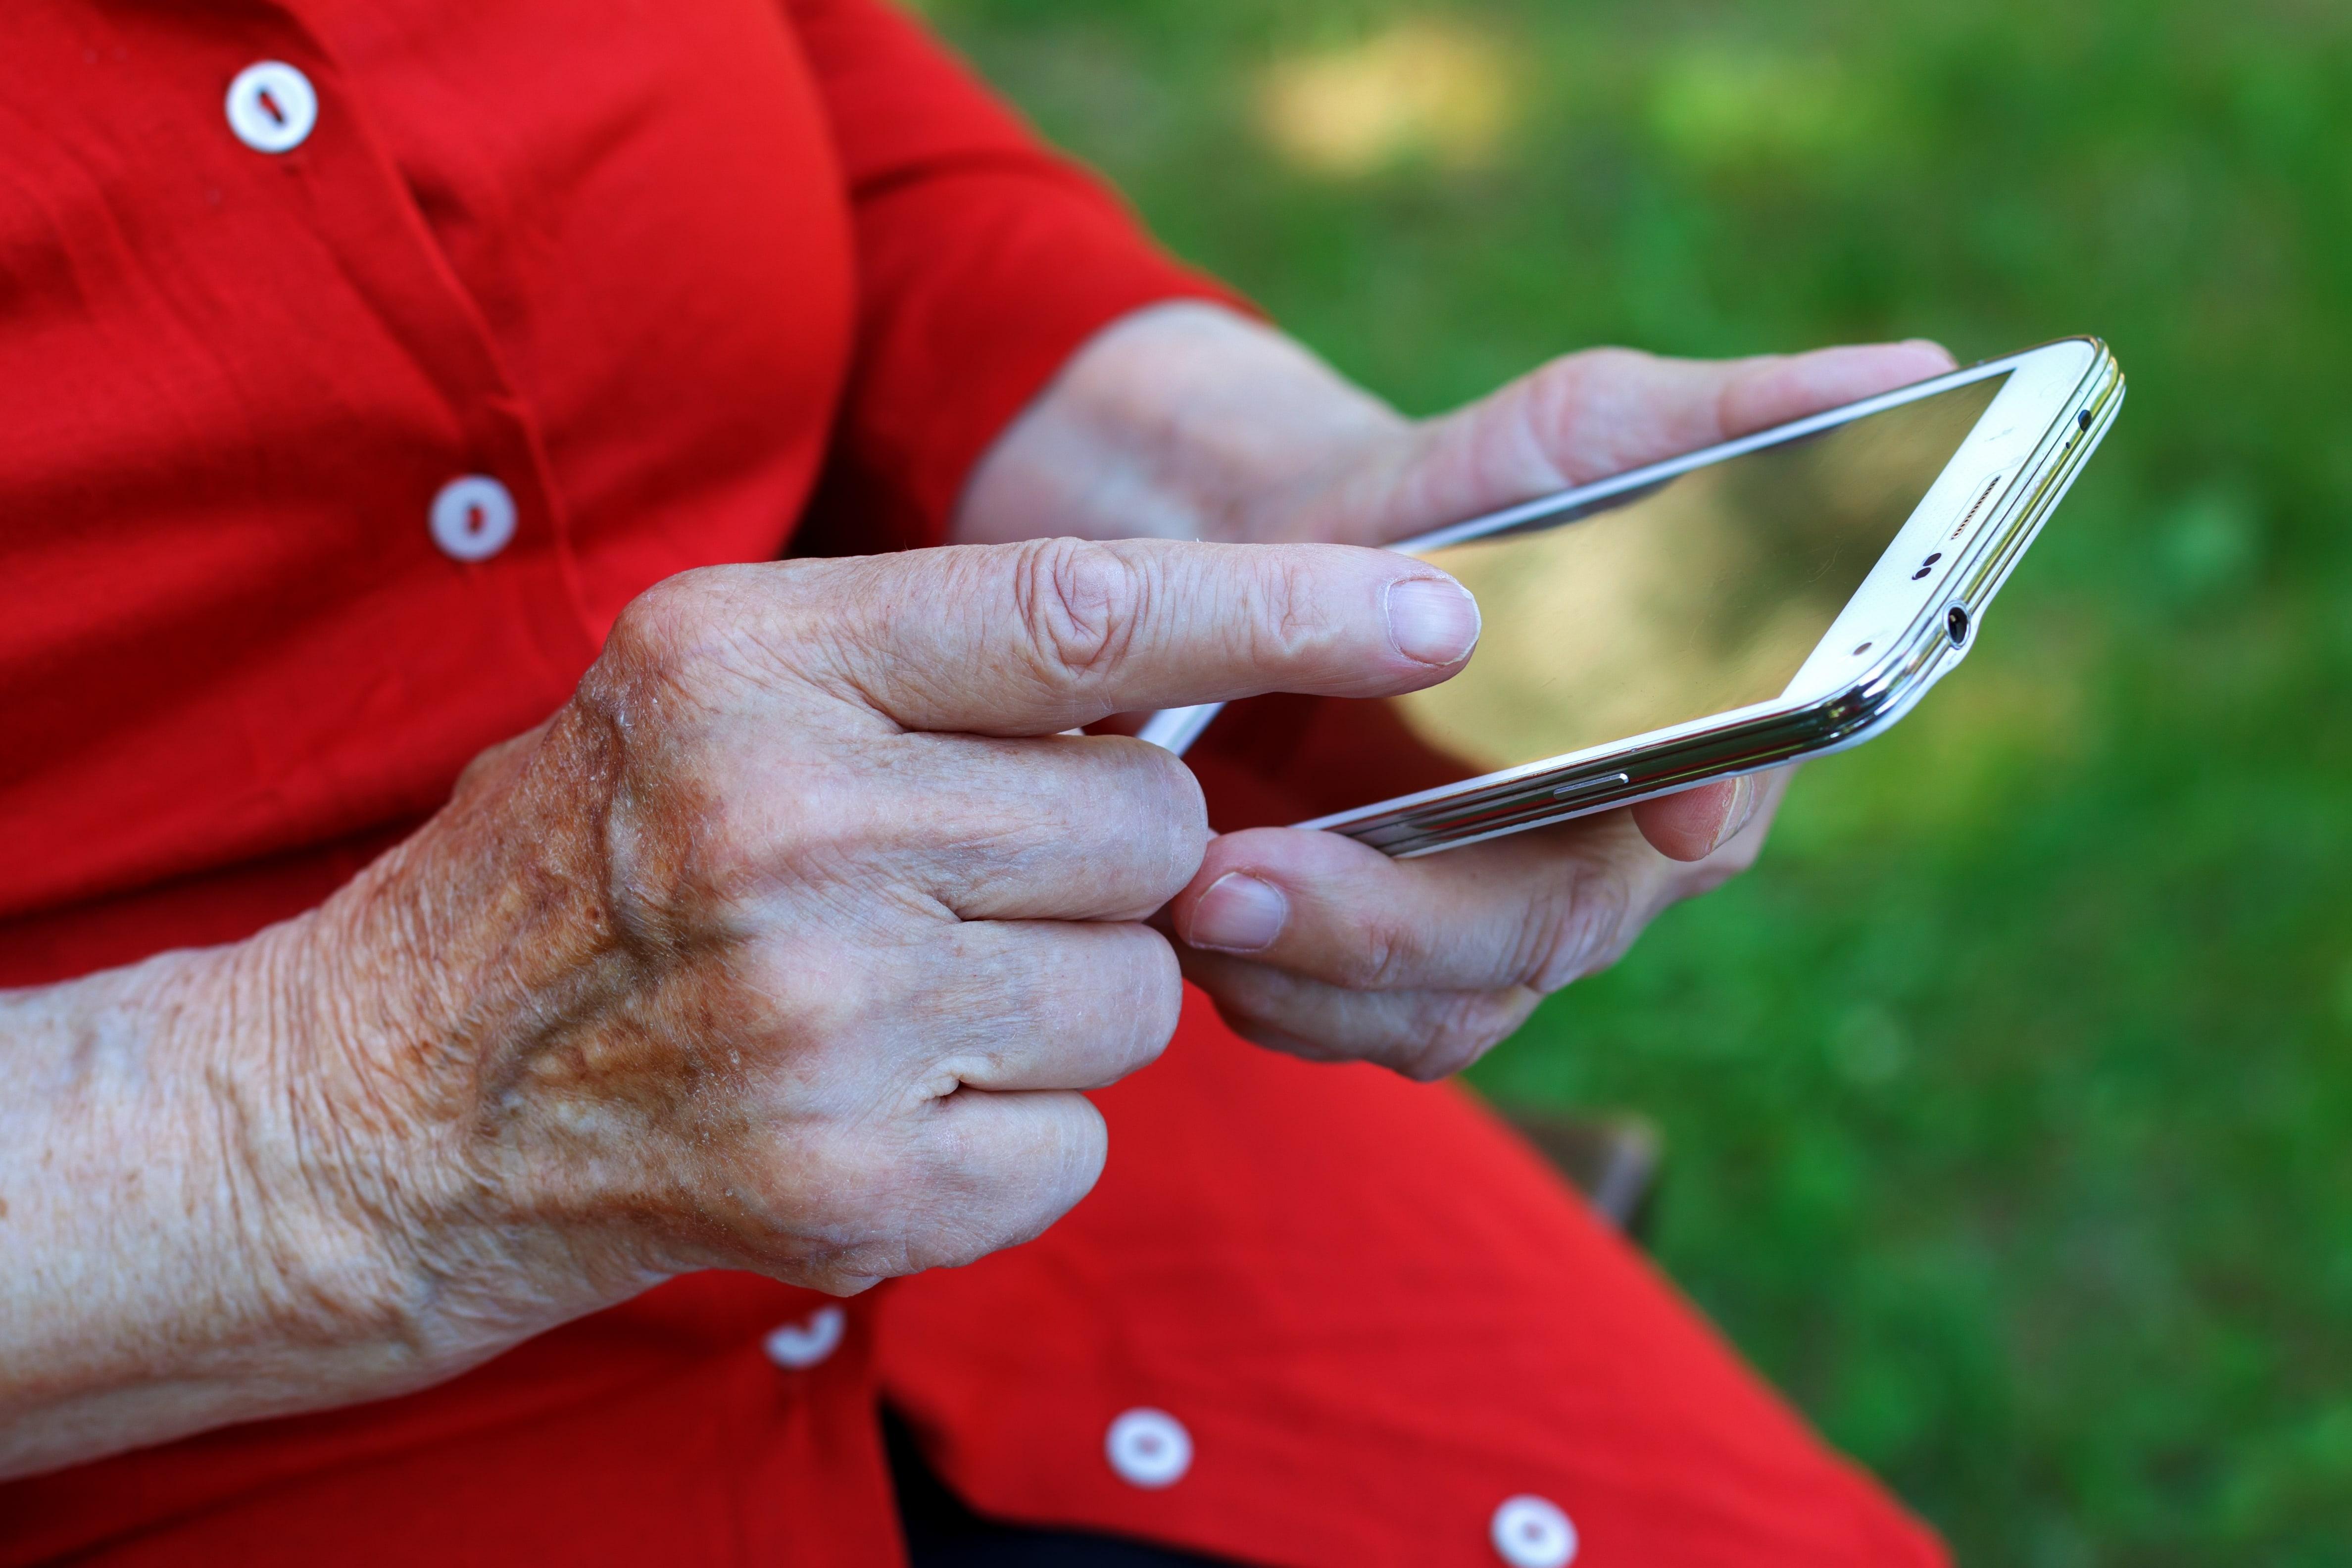 Νέες Τεχνολογίες για τη Φροντίδα της Άνοιας – Ενημέρωση